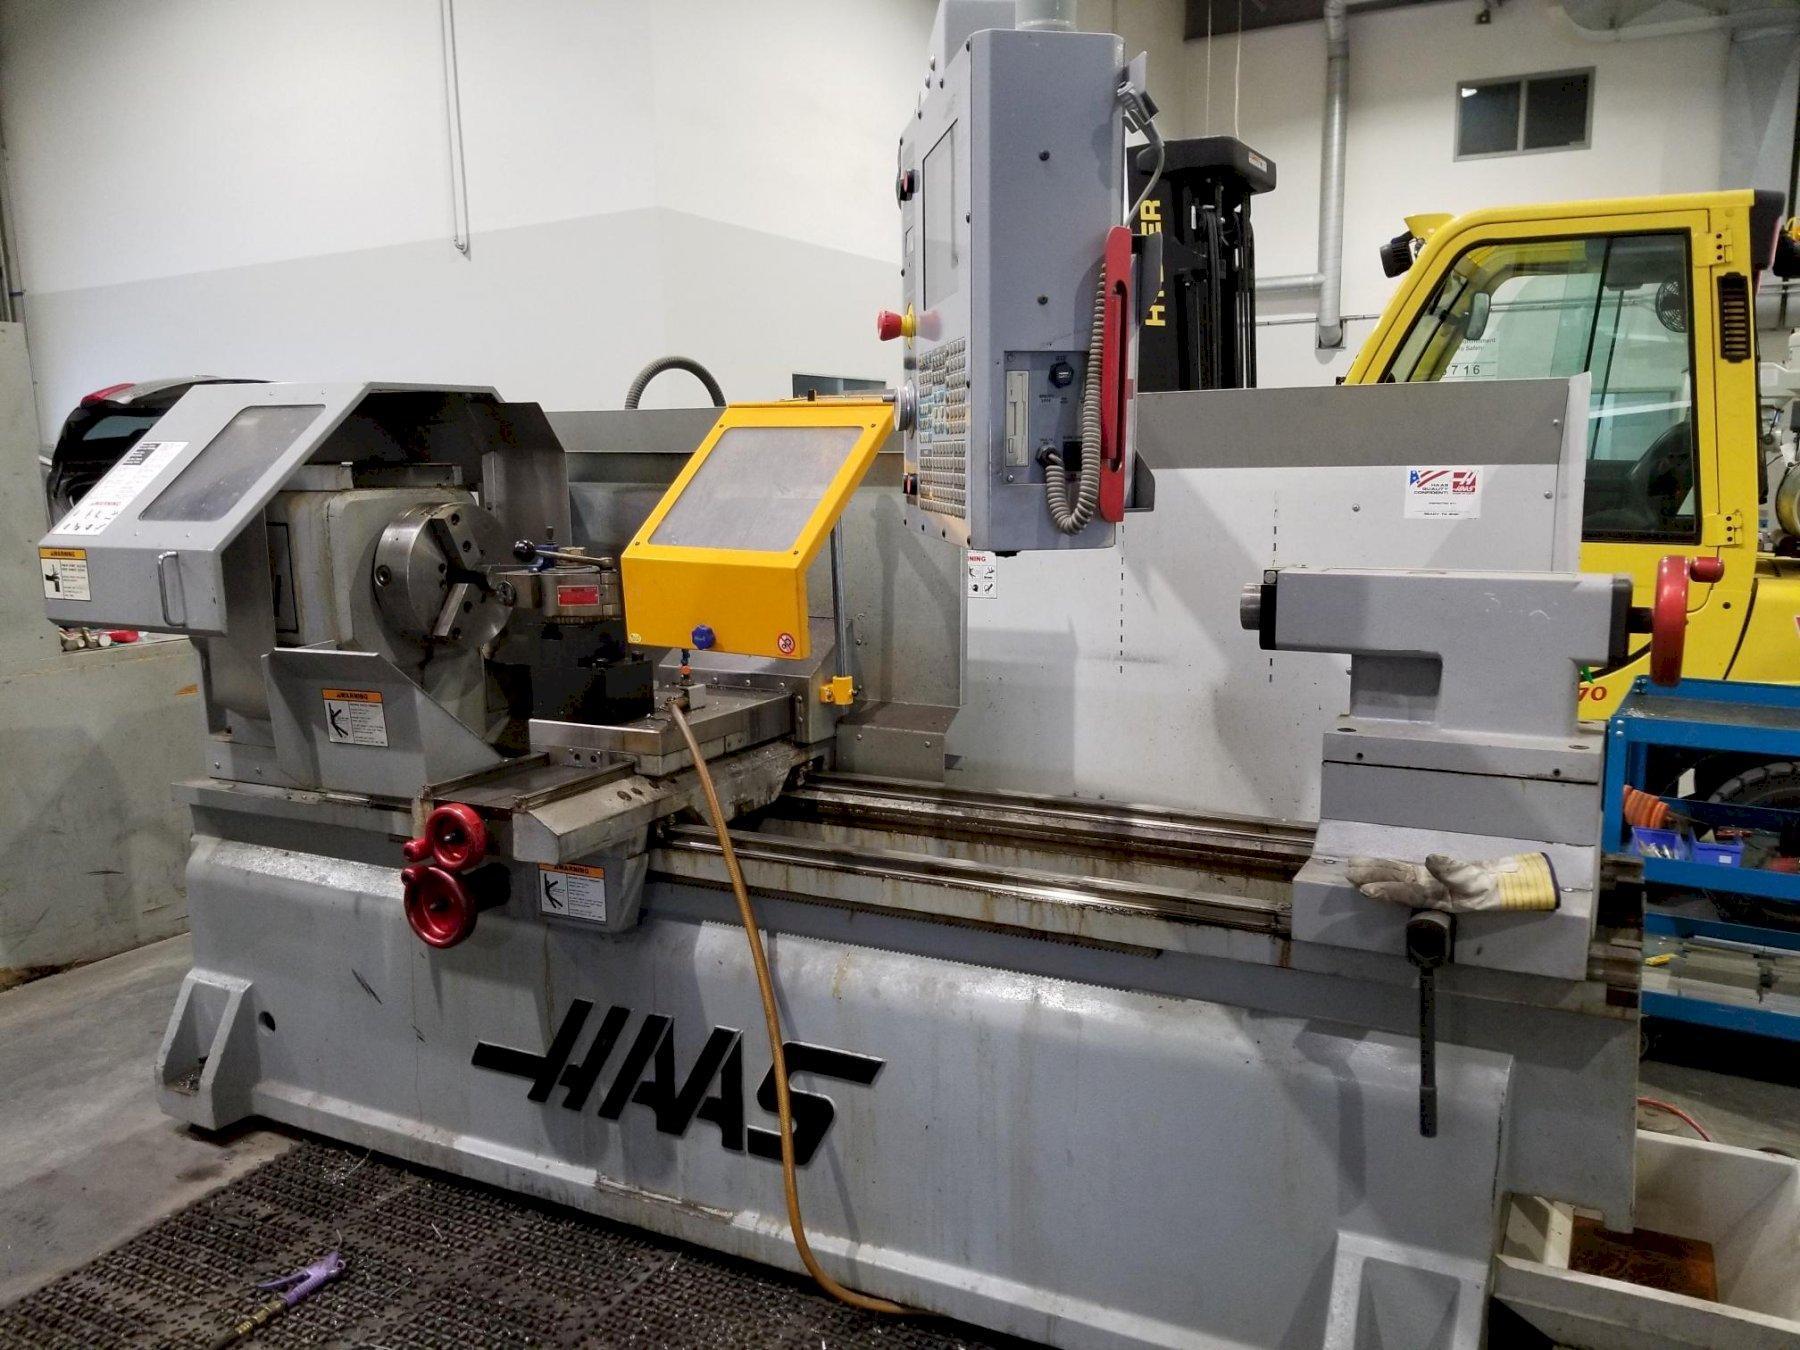 Haas TL3-W CNC Tool Room Lathe